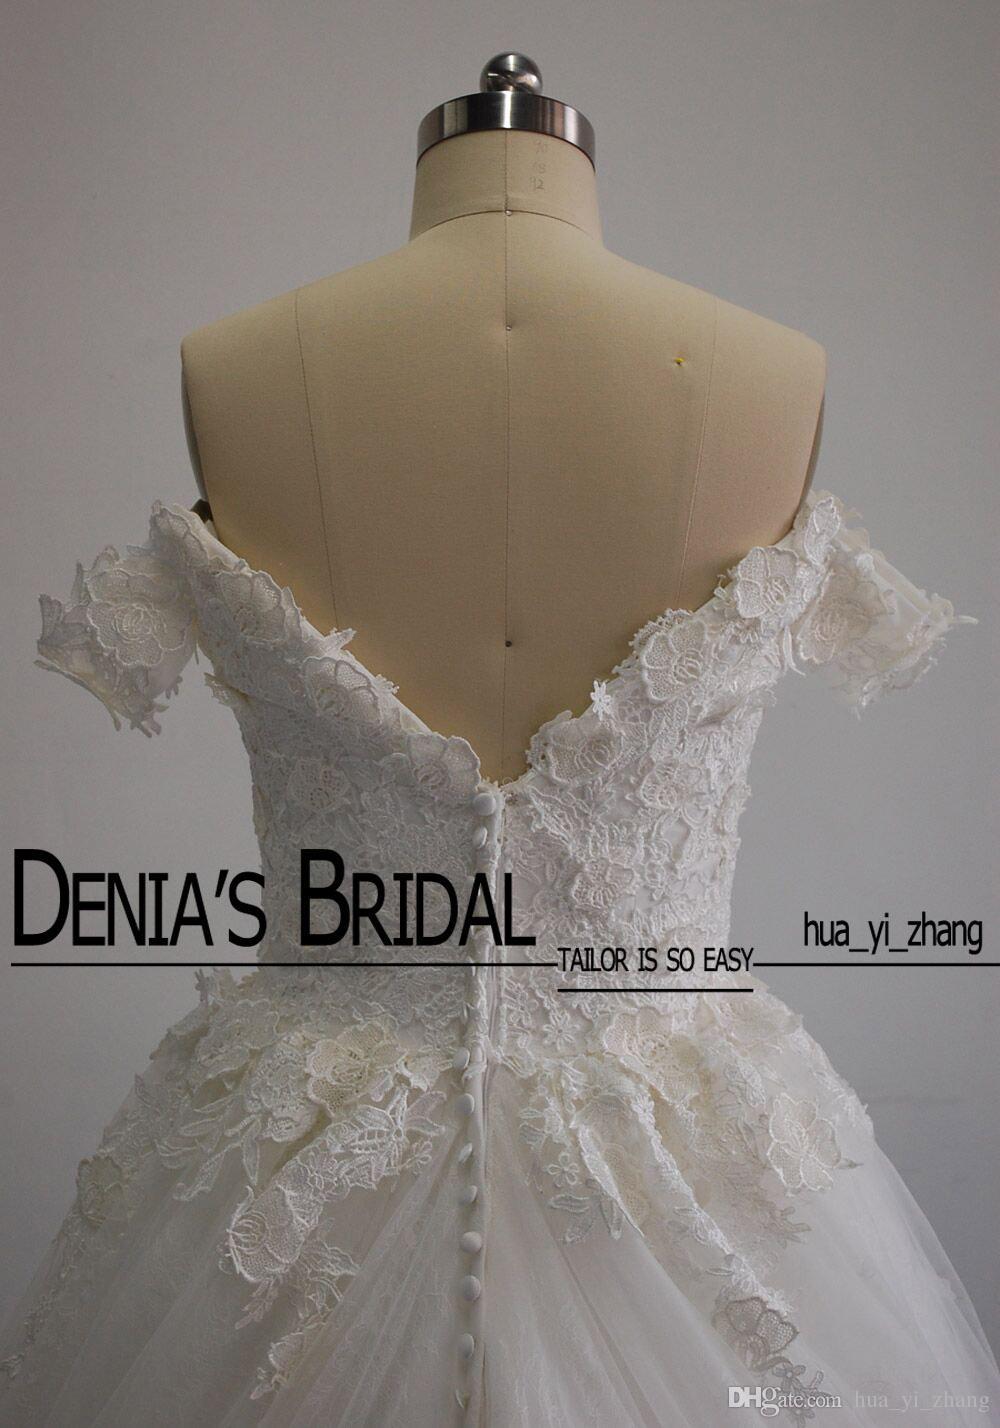 Imágenes reales de 2016 nueva llegada una línea vestidos de boda del hombro apliques de encaje de tul vestidos de novia